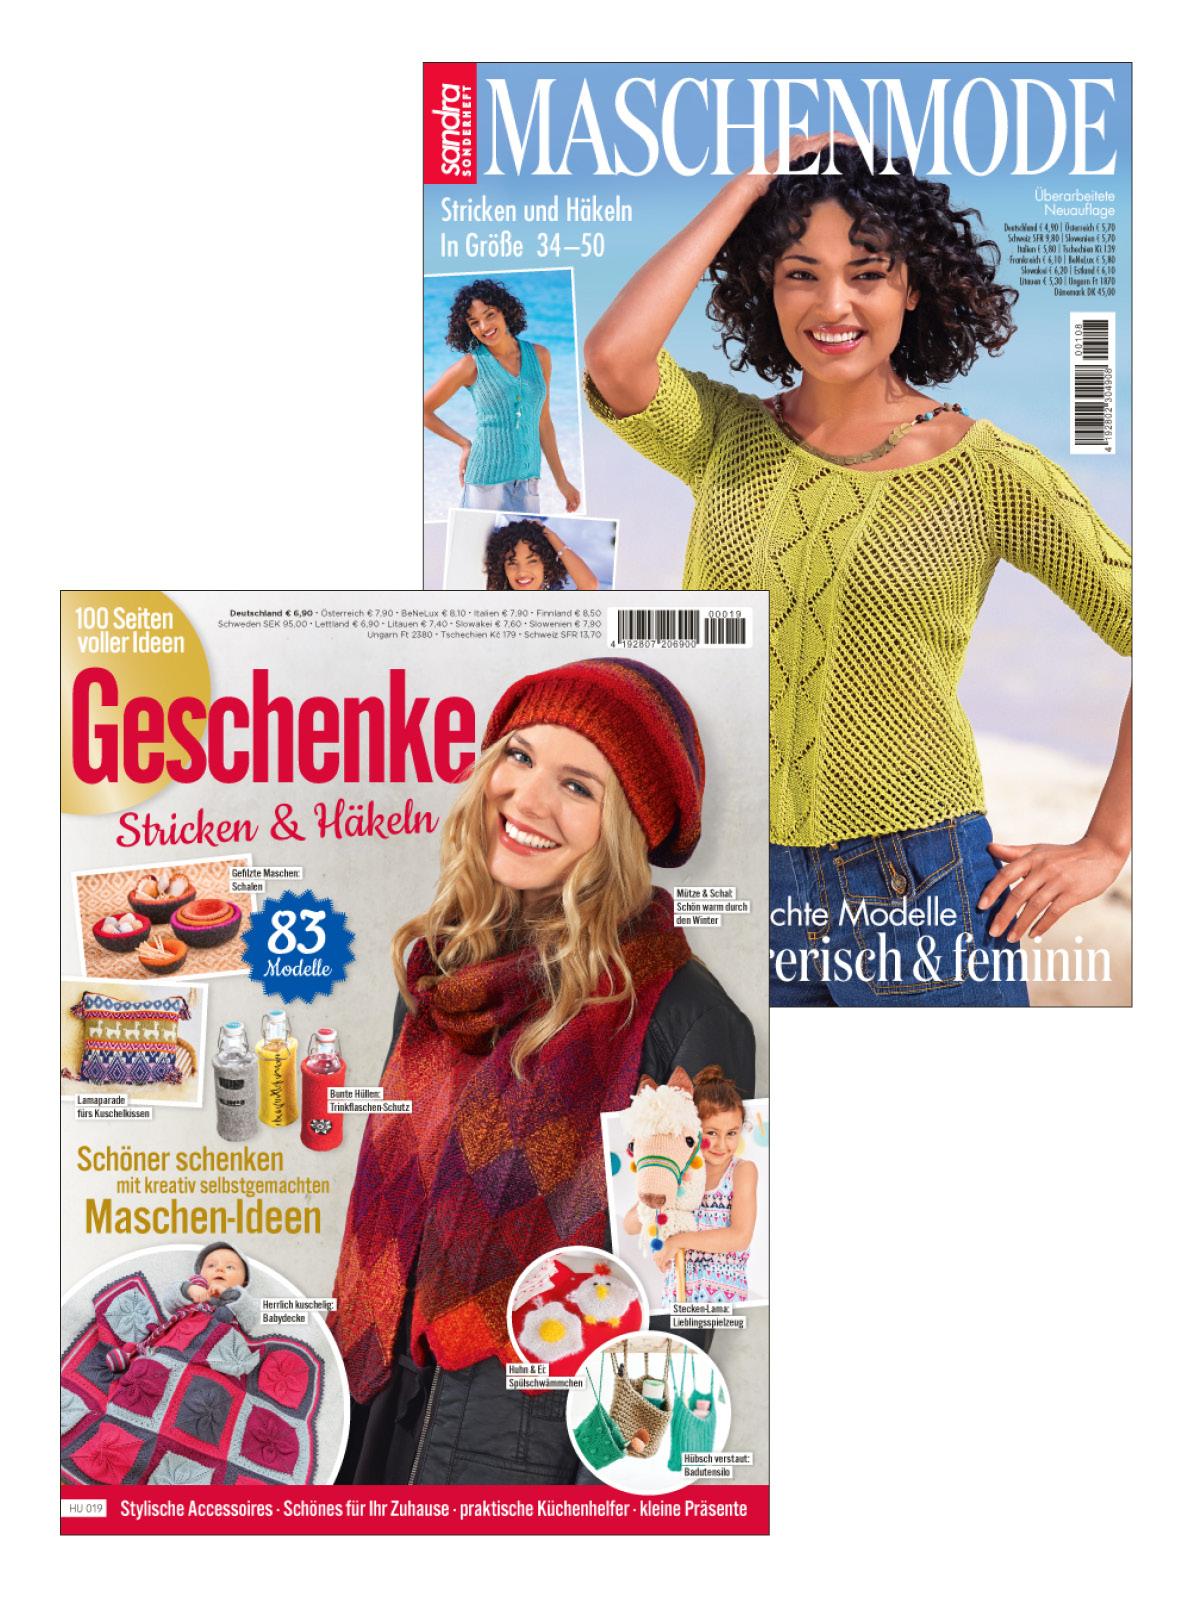 2 Zeitschriften statt Euro 11,80 nur Euro 5,90 zum Spartarif